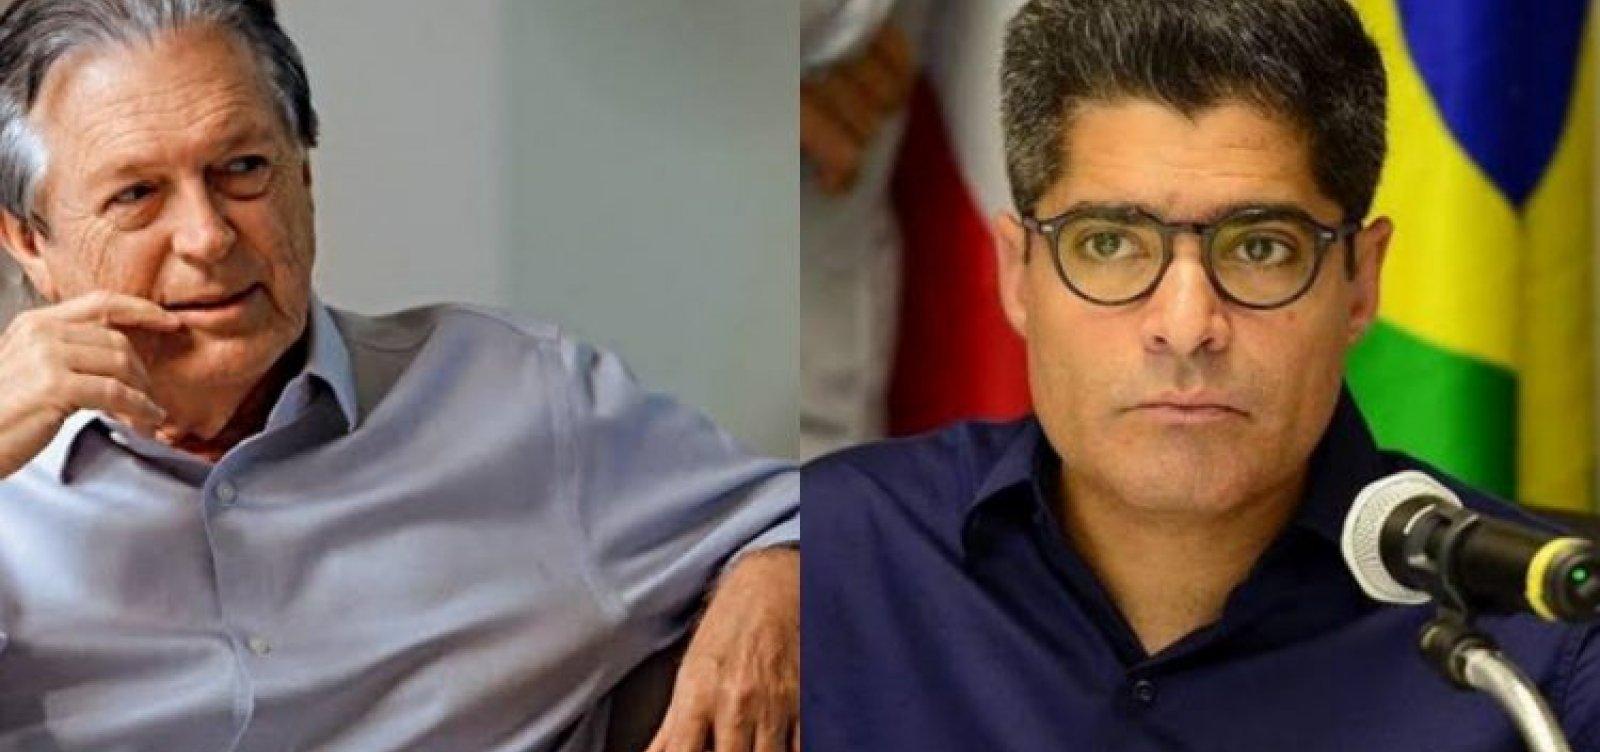 Fusão DEM-PSL: ACM Neto confirma que Bivar ficará com comando do novo partido